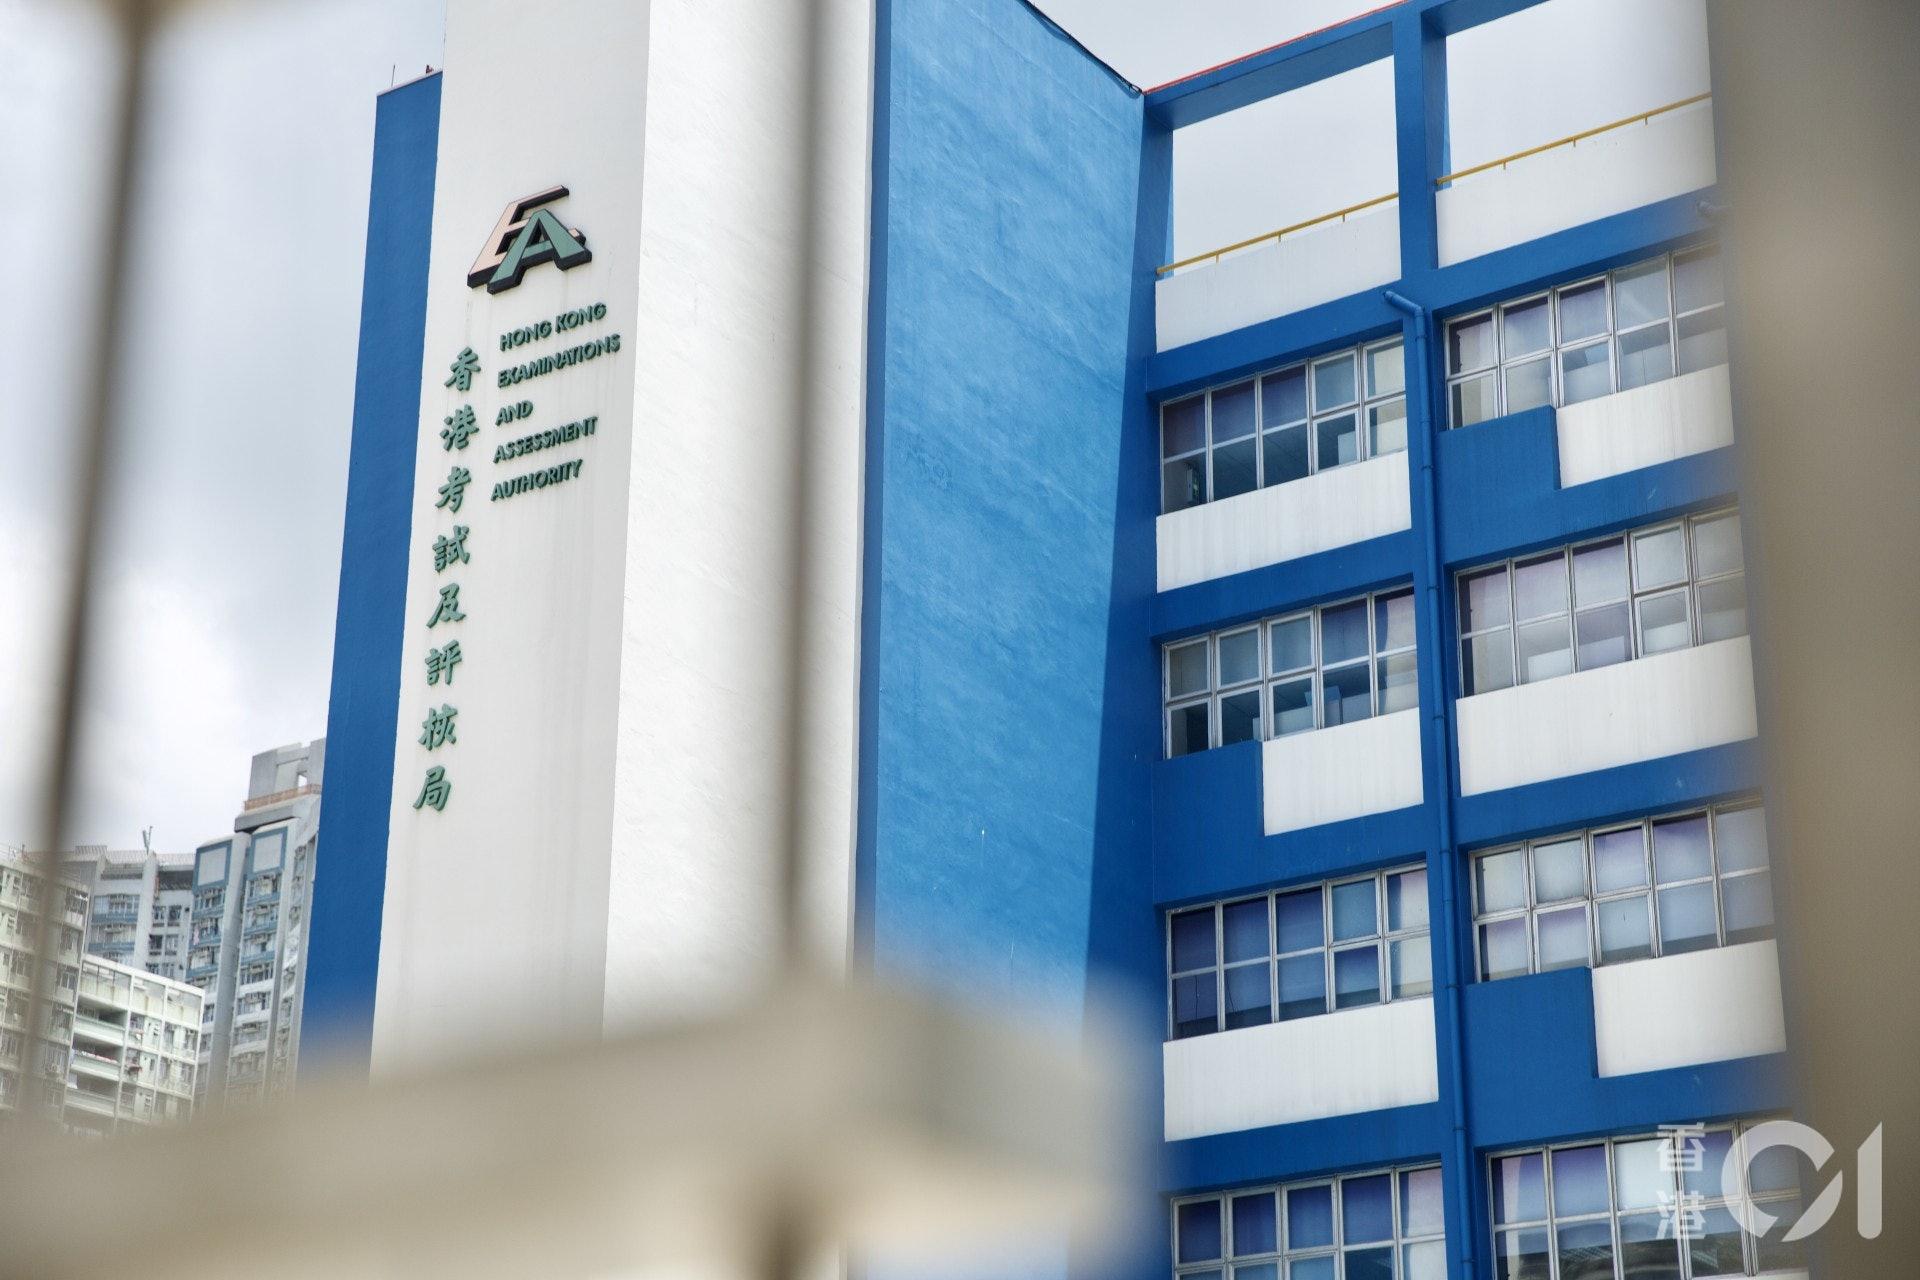 考評局表示,取消有關試題影響深遠,將召開特別會議商討事件。(黃寶瑩攝)